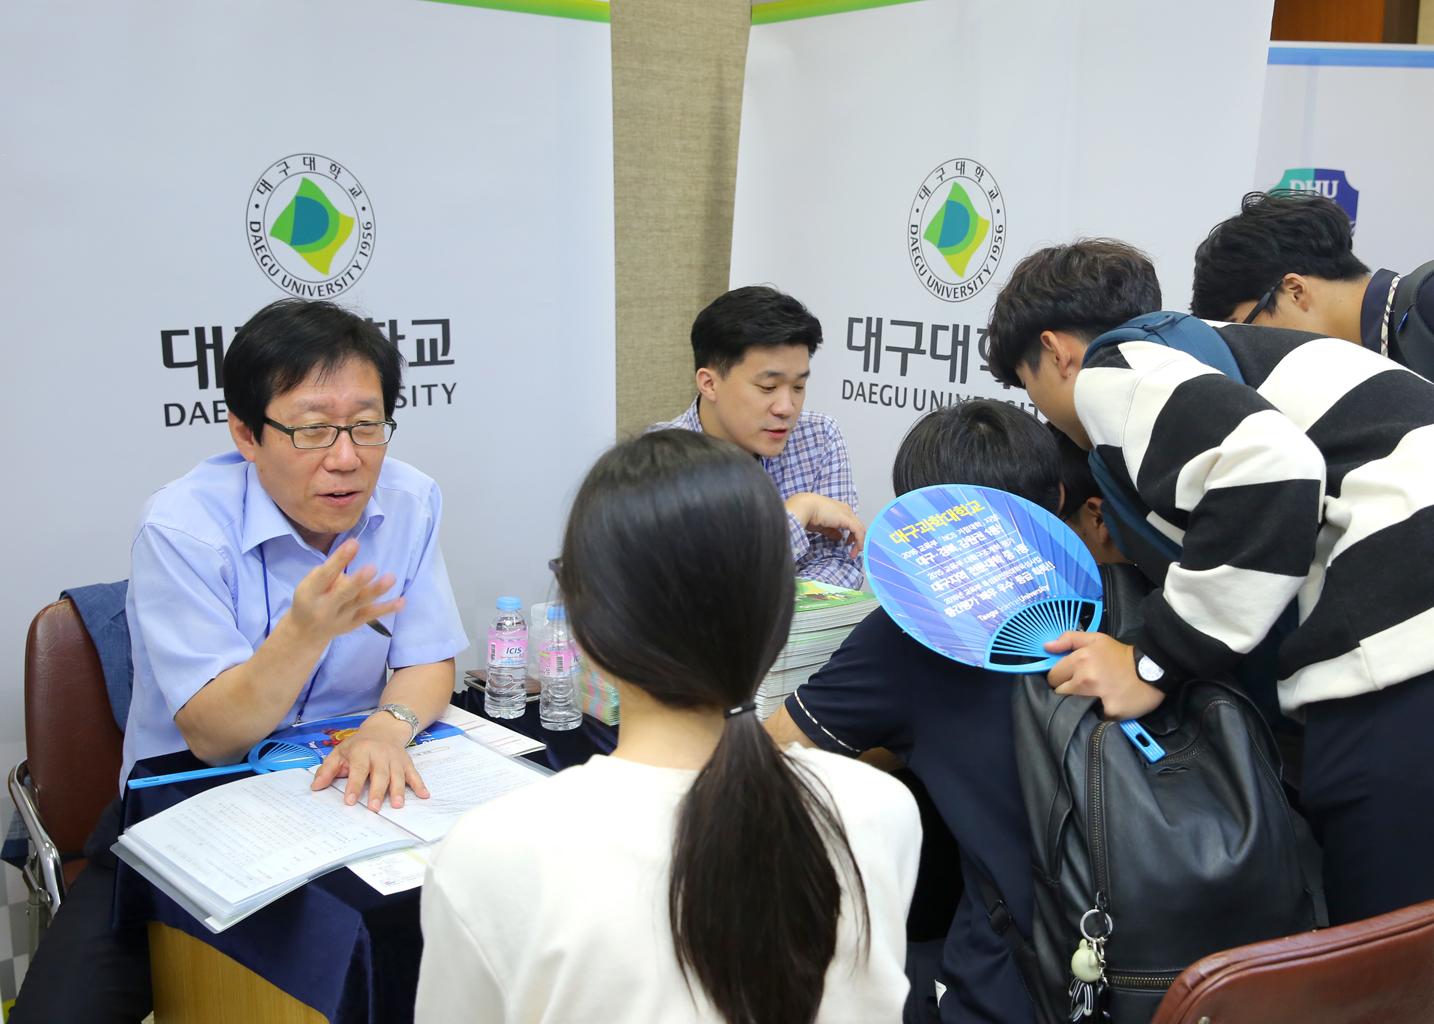 học sinh cấp 3 đi du học Hàn Quốc